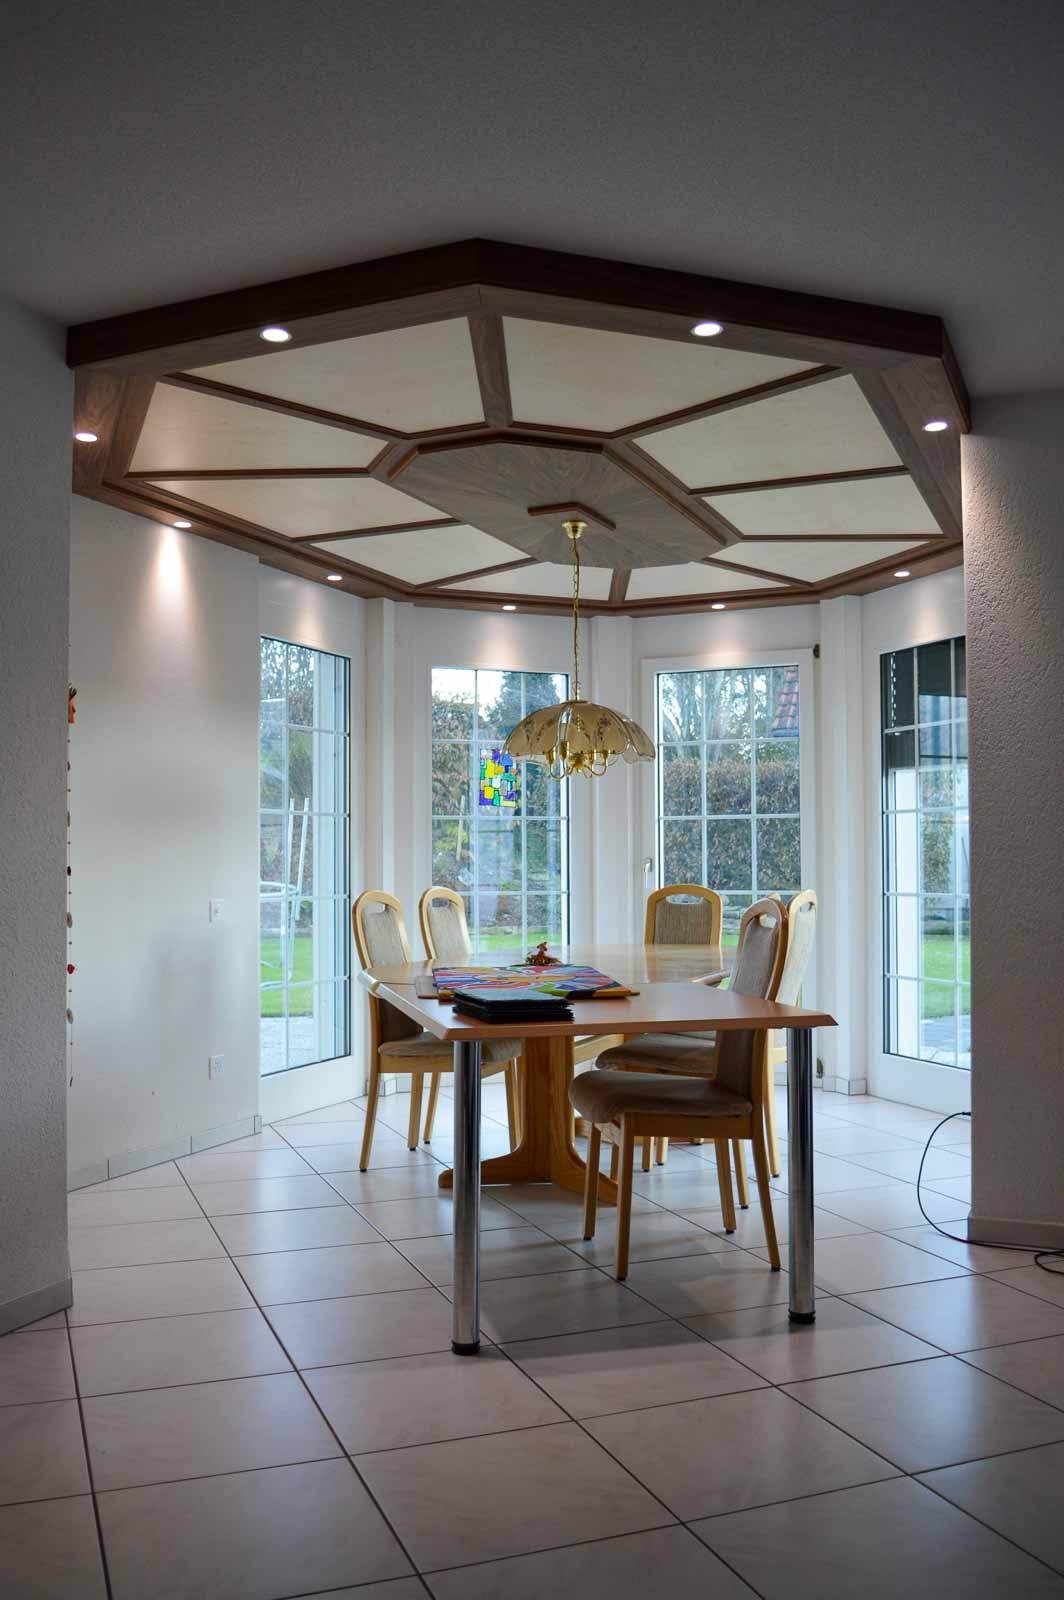 Wooddesign_Holzdesign_Decke_Massivholdecke_Holzfüllungen-LED-Beleuchtung (6)